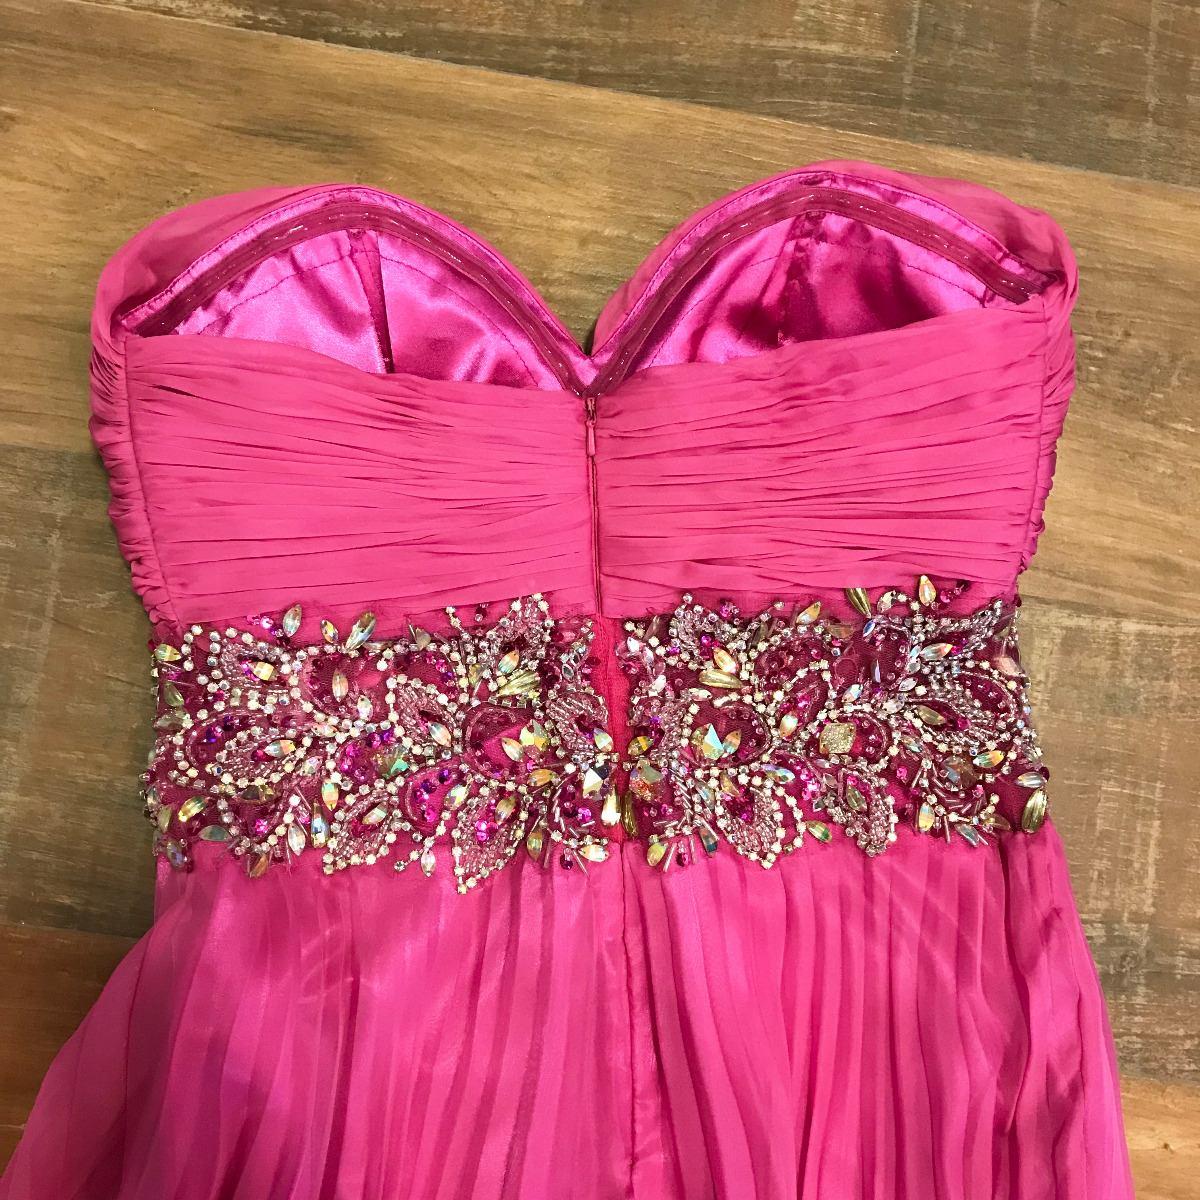 b30b779ce vestido de festa madrinha formatura rosa pink bordado luxo. Carregando zoom.